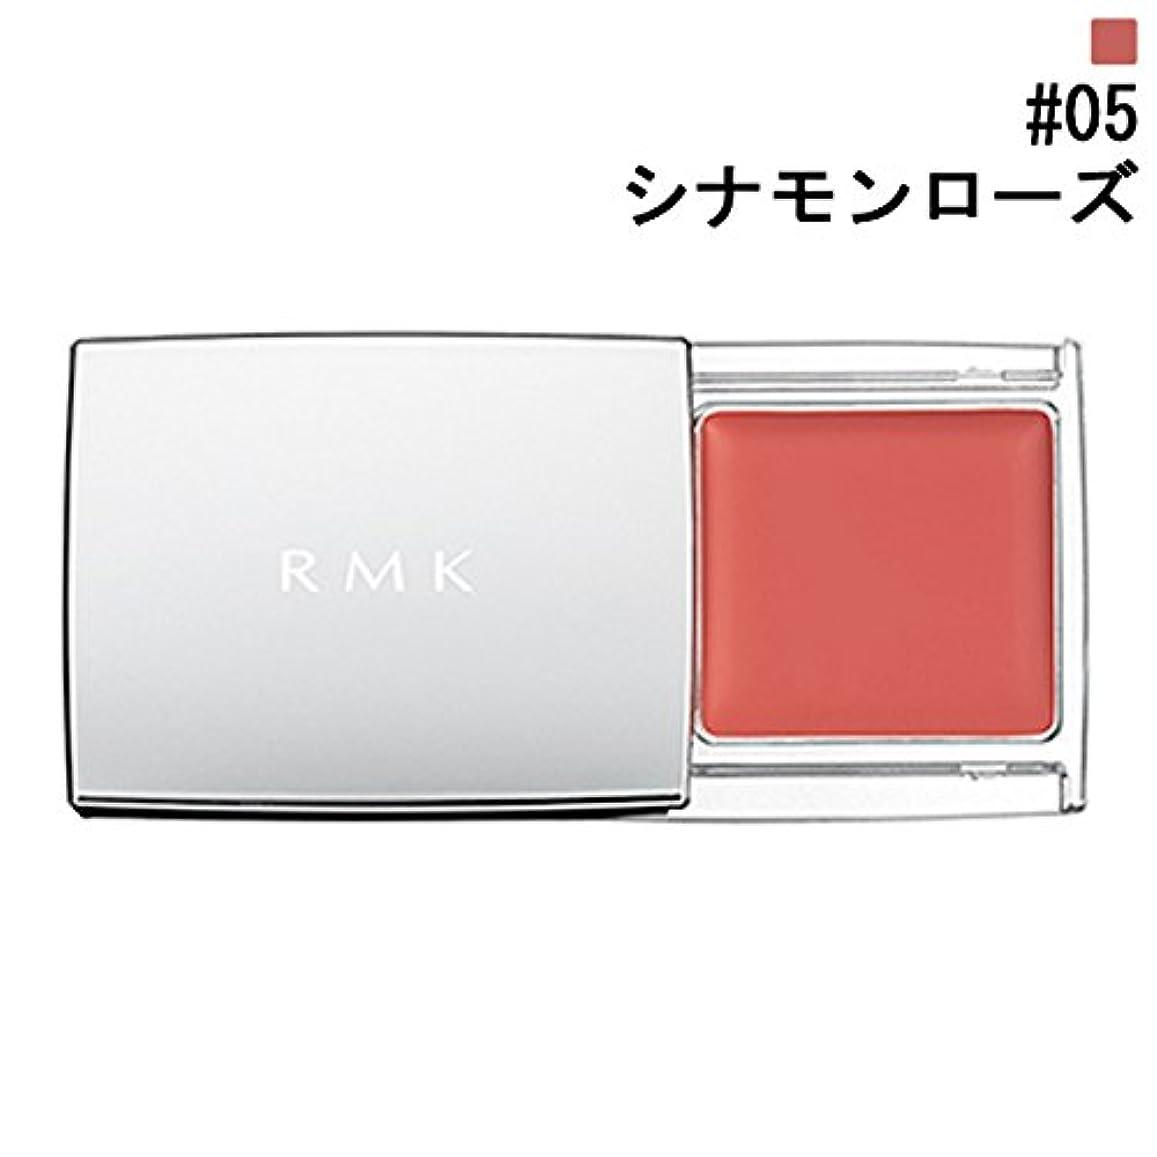 ウェイトレス致命的な経歴【RMK (ルミコ)】RMK マルチペイントカラーズ #05 シナモンローズ 1.5g